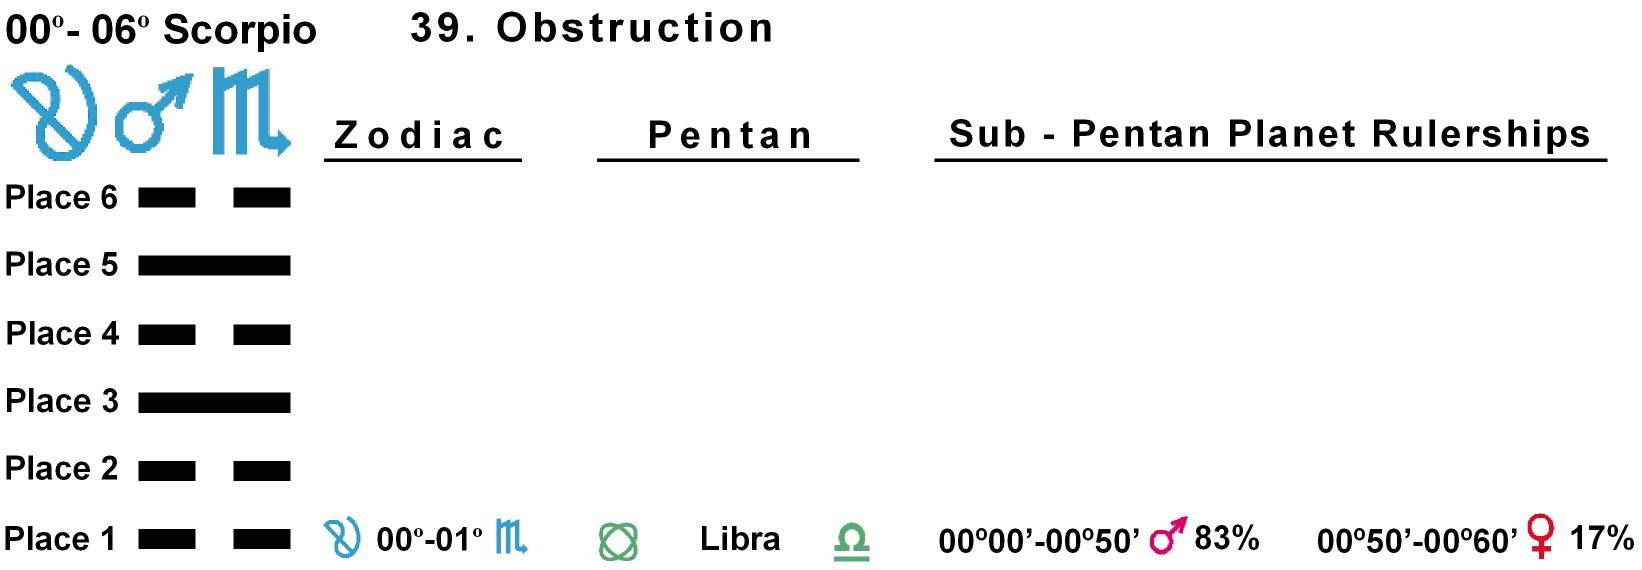 Pent-lines-08SC 00-01 Hx-39 Obstruction